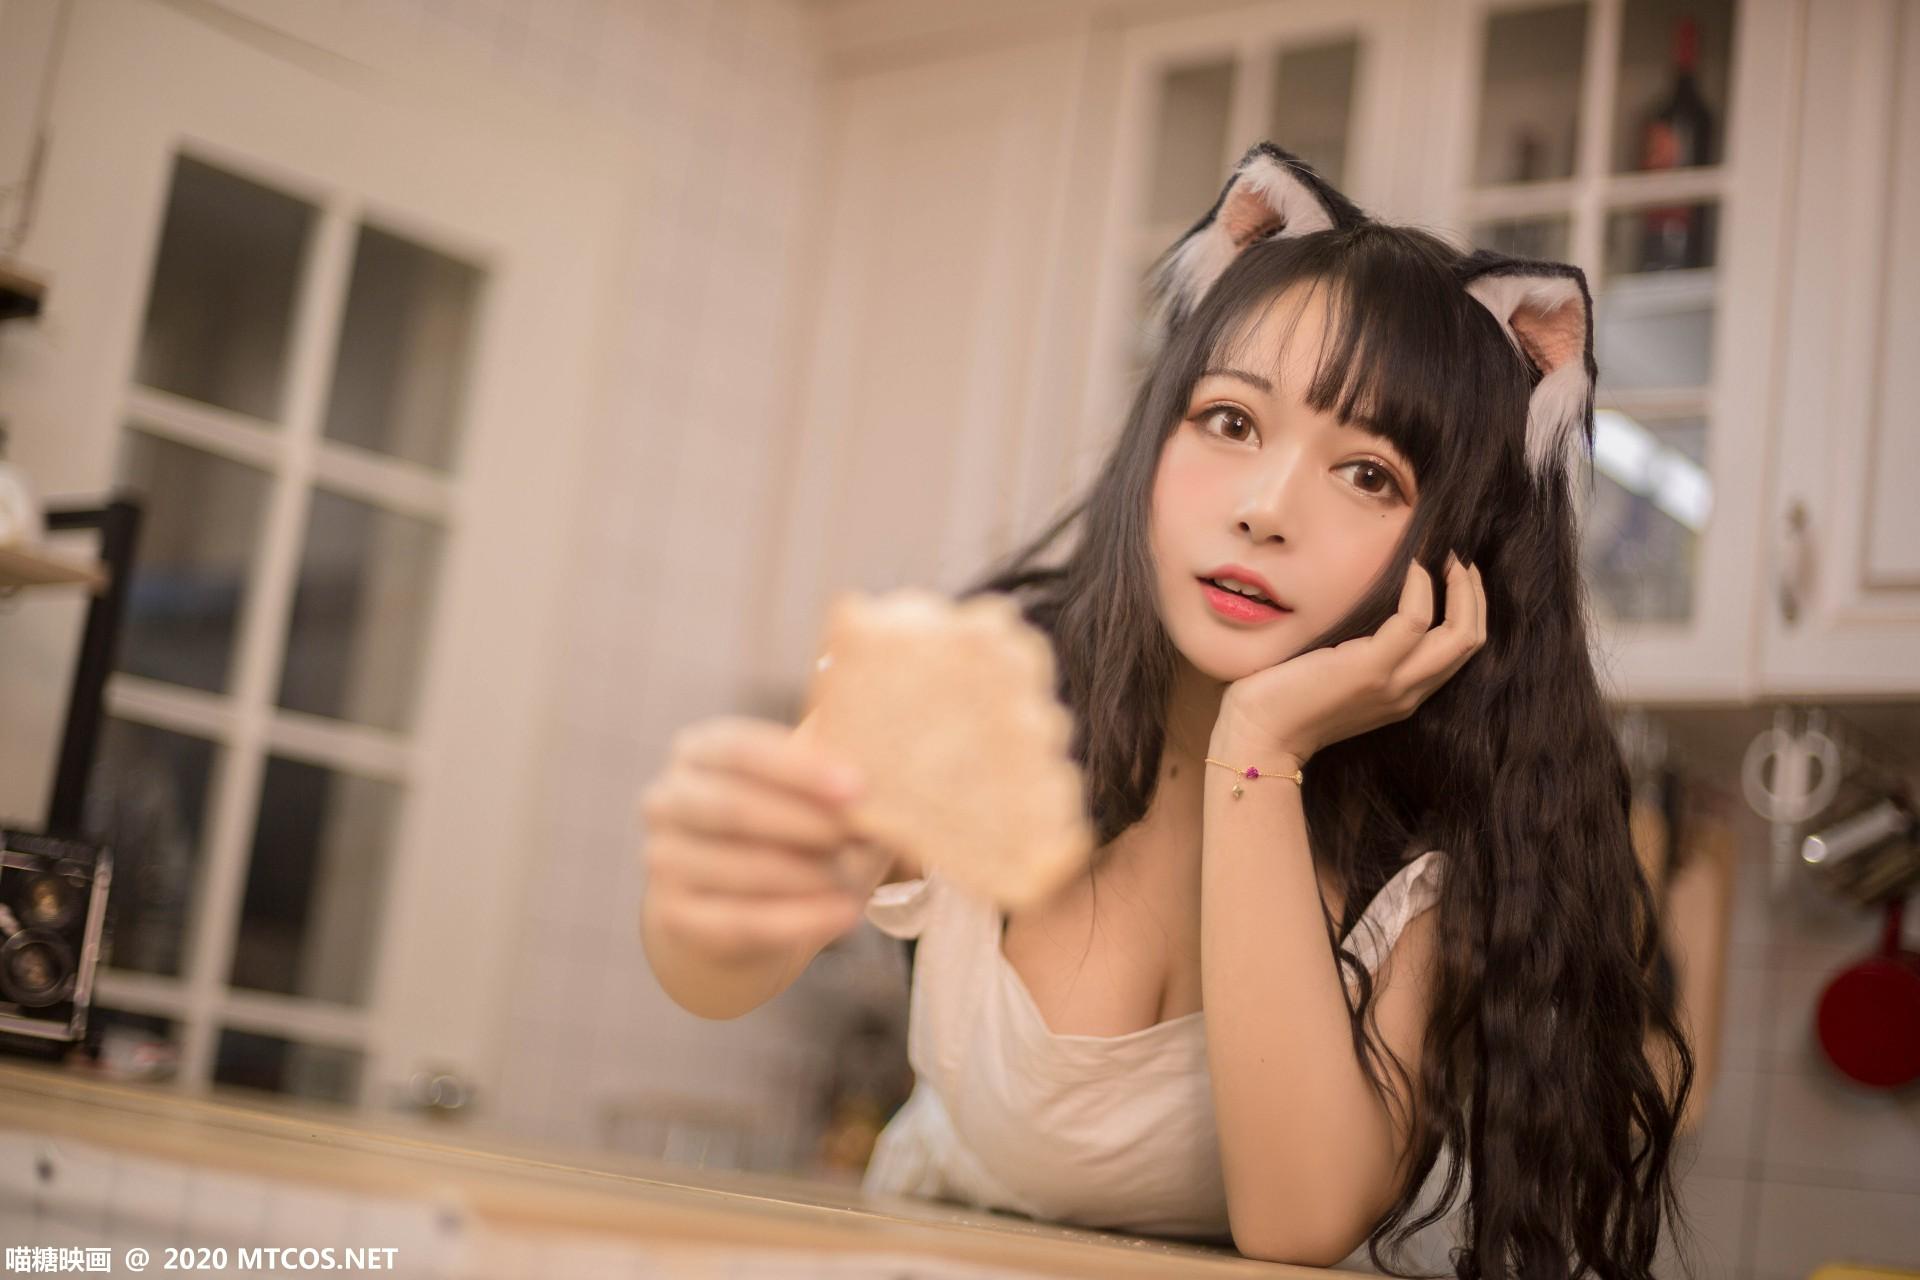 [喵糖映画] 2020.10.13 赏美系列 VOL.296 厨房猫娘 第4张